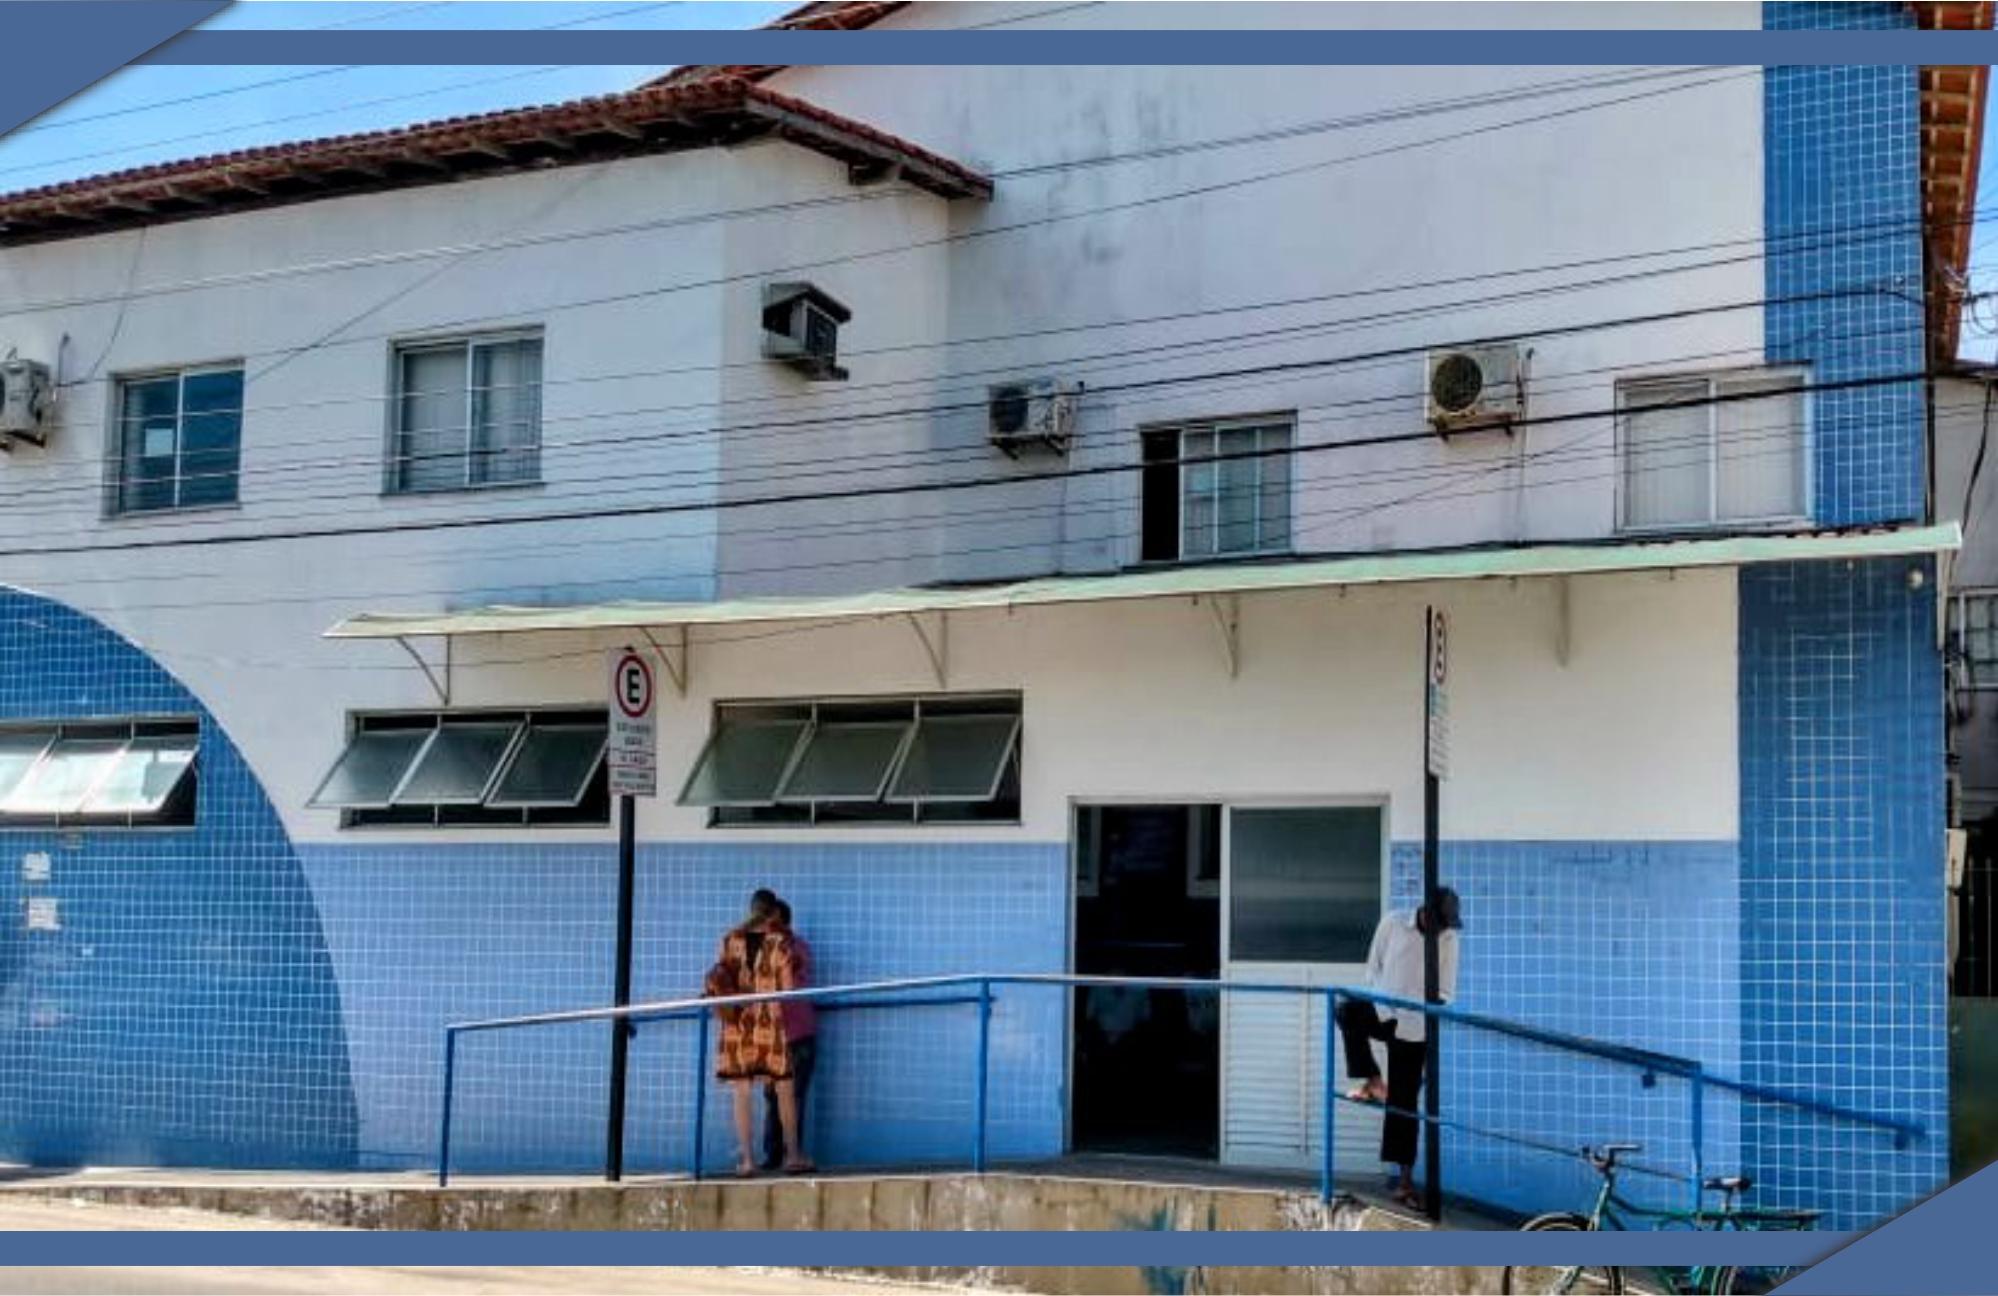 US3 JÁ ESTÁ FUNCIONANDO 24 HORAS EM SÃO MATEUS